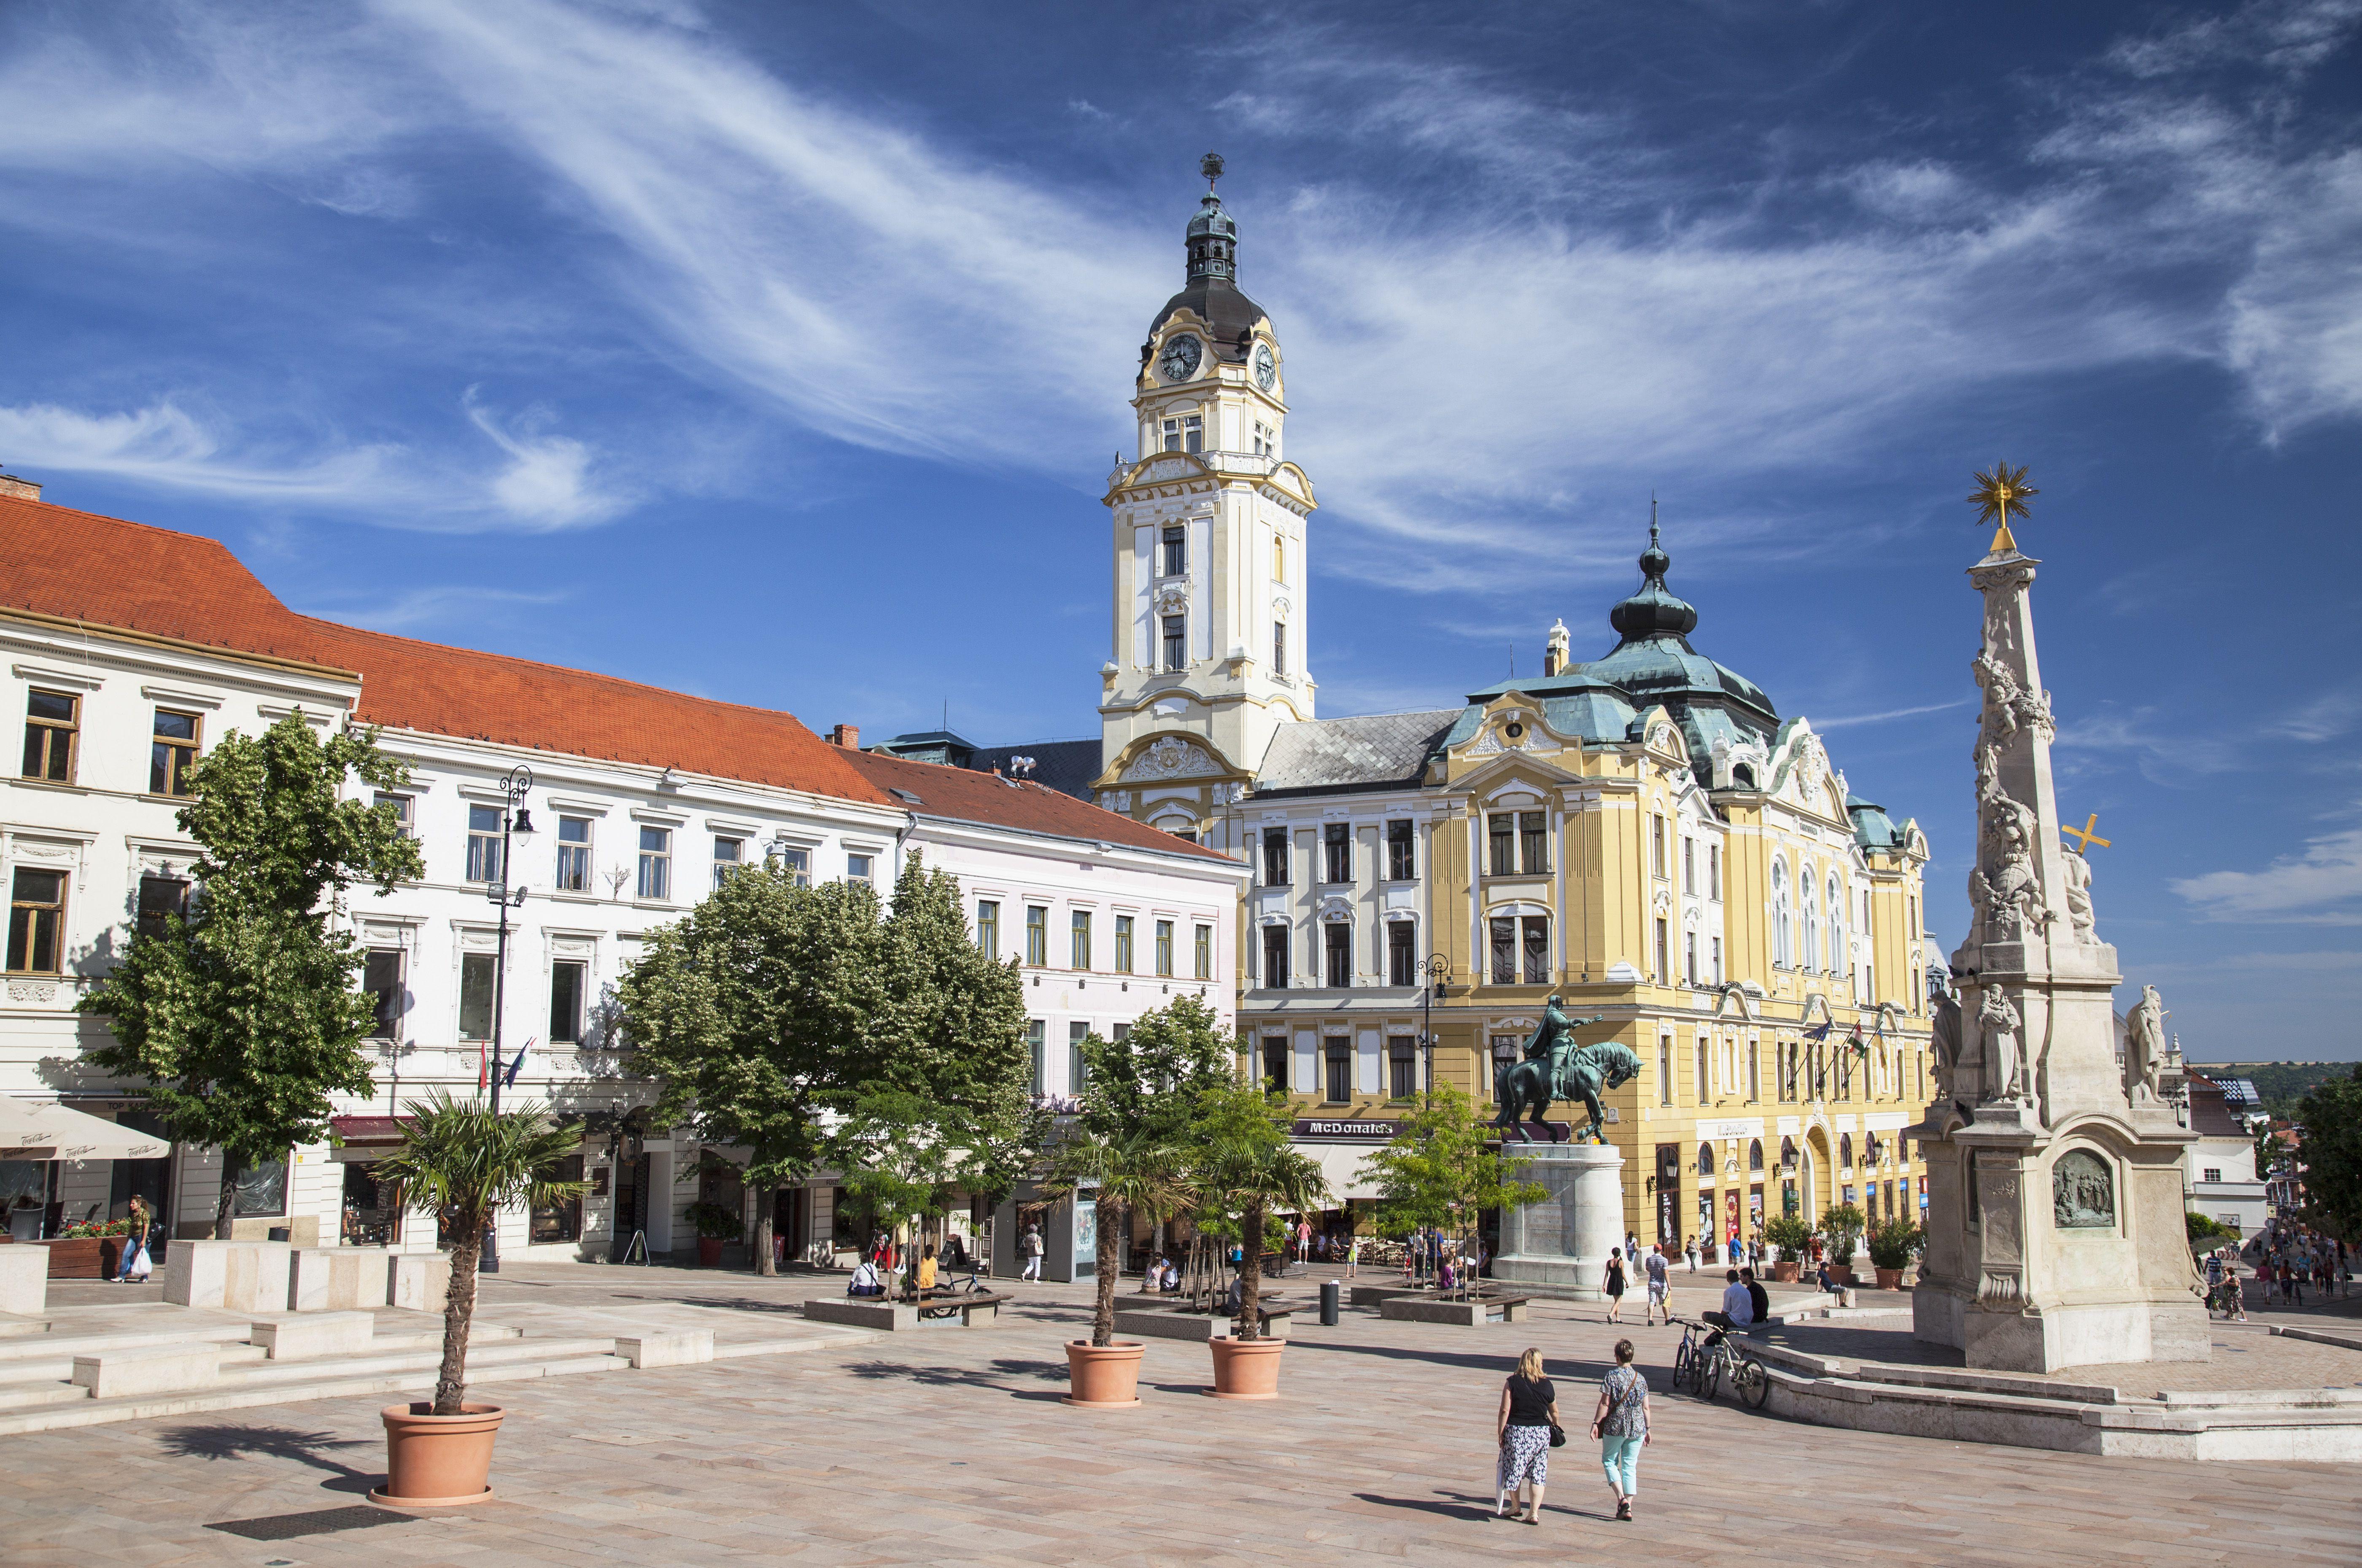 Columna de la Trinidad y Ayuntamiento en la Plaza Szechenyi, Pecs, Transdanubia del Sur, Hungría